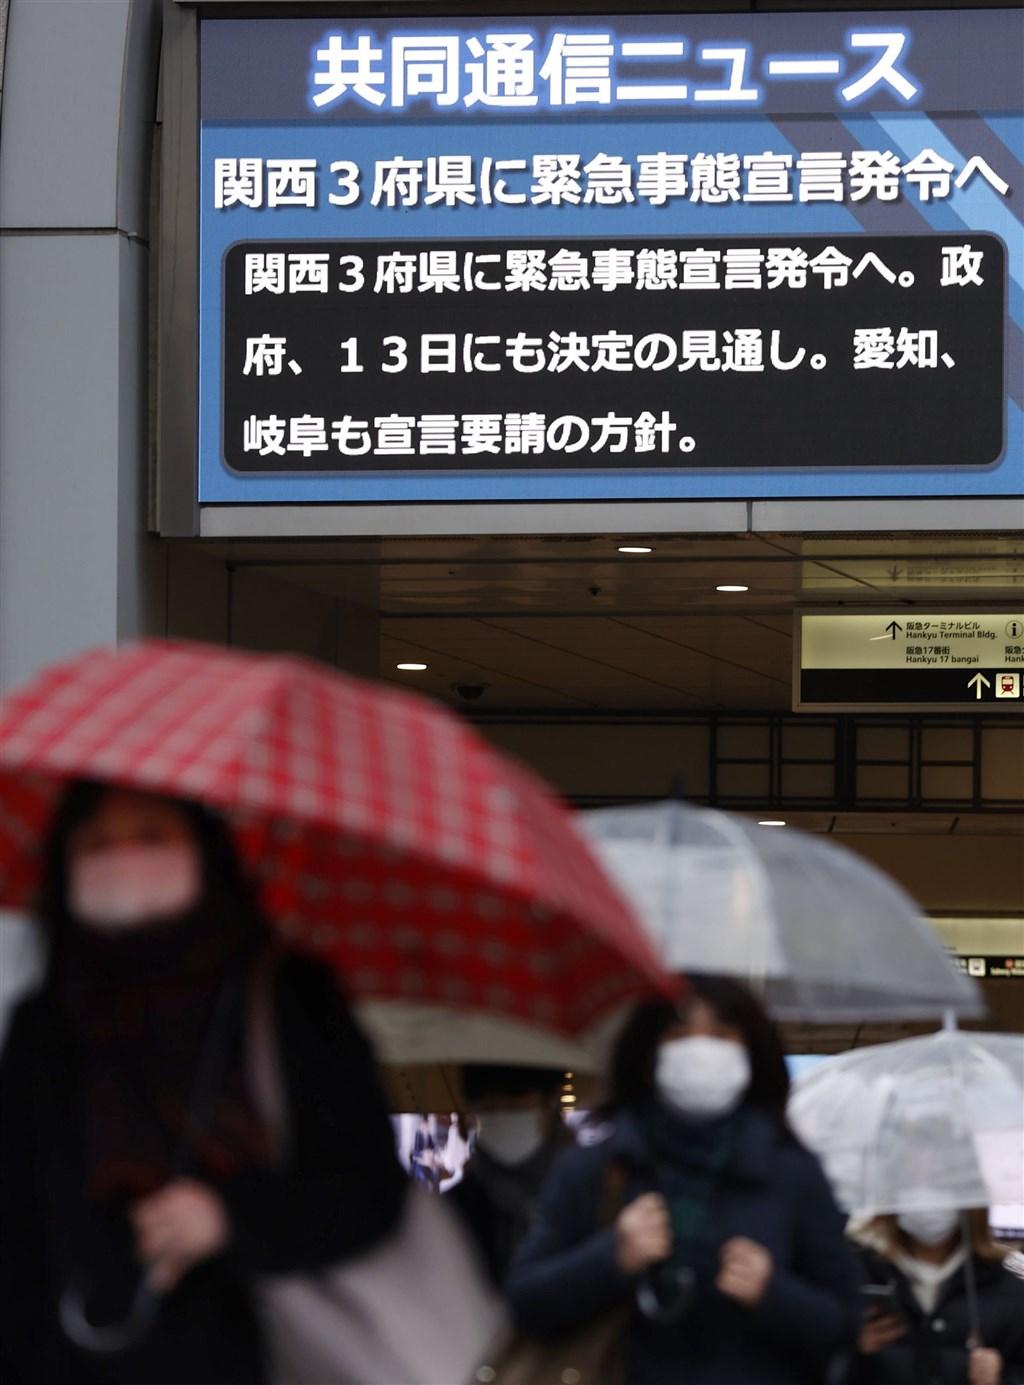 首相菅義偉12日表示,擬將疫情擴大的大阪府、京都府與兵庫縣追加納入「緊急事態宣言」實施地區。圖為大阪民眾配戴口罩進出地鐵站。(共同社)